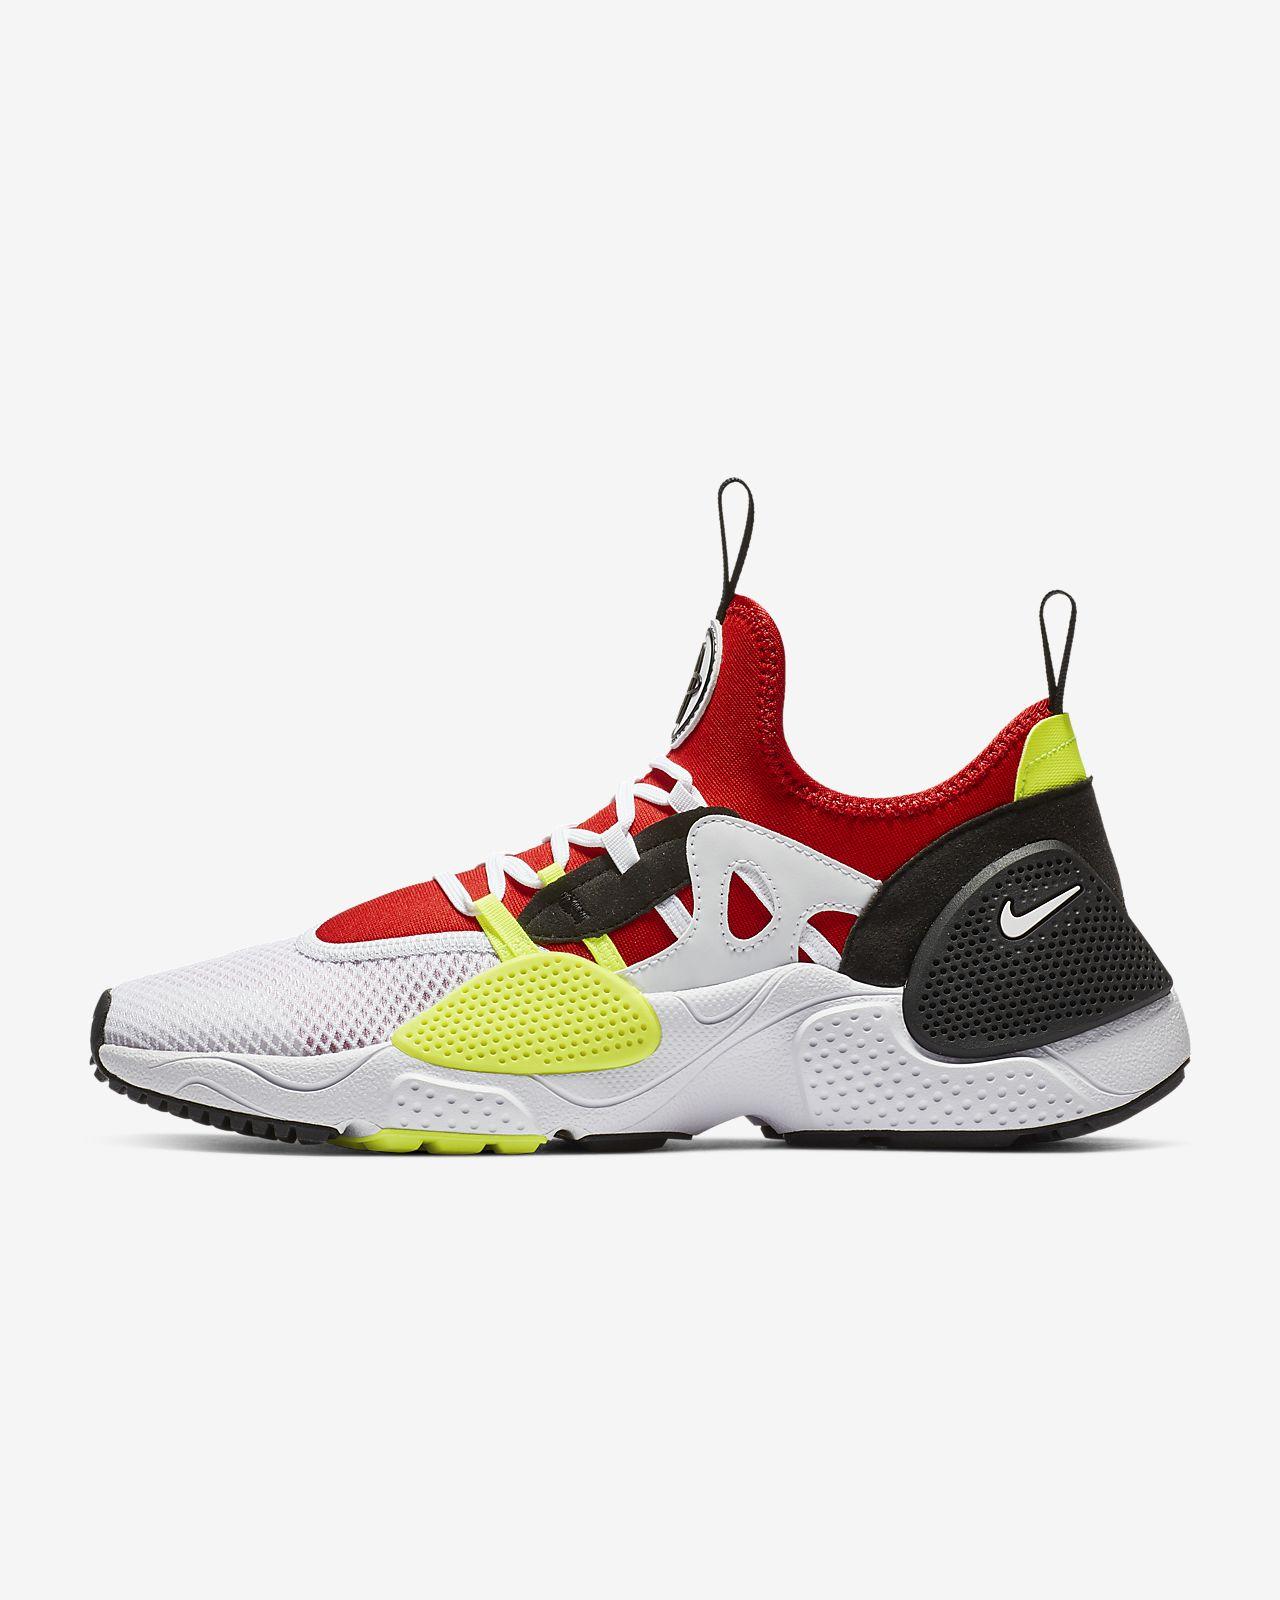 Nike Huarache E.D.G.E. Calzado para hombre TXT